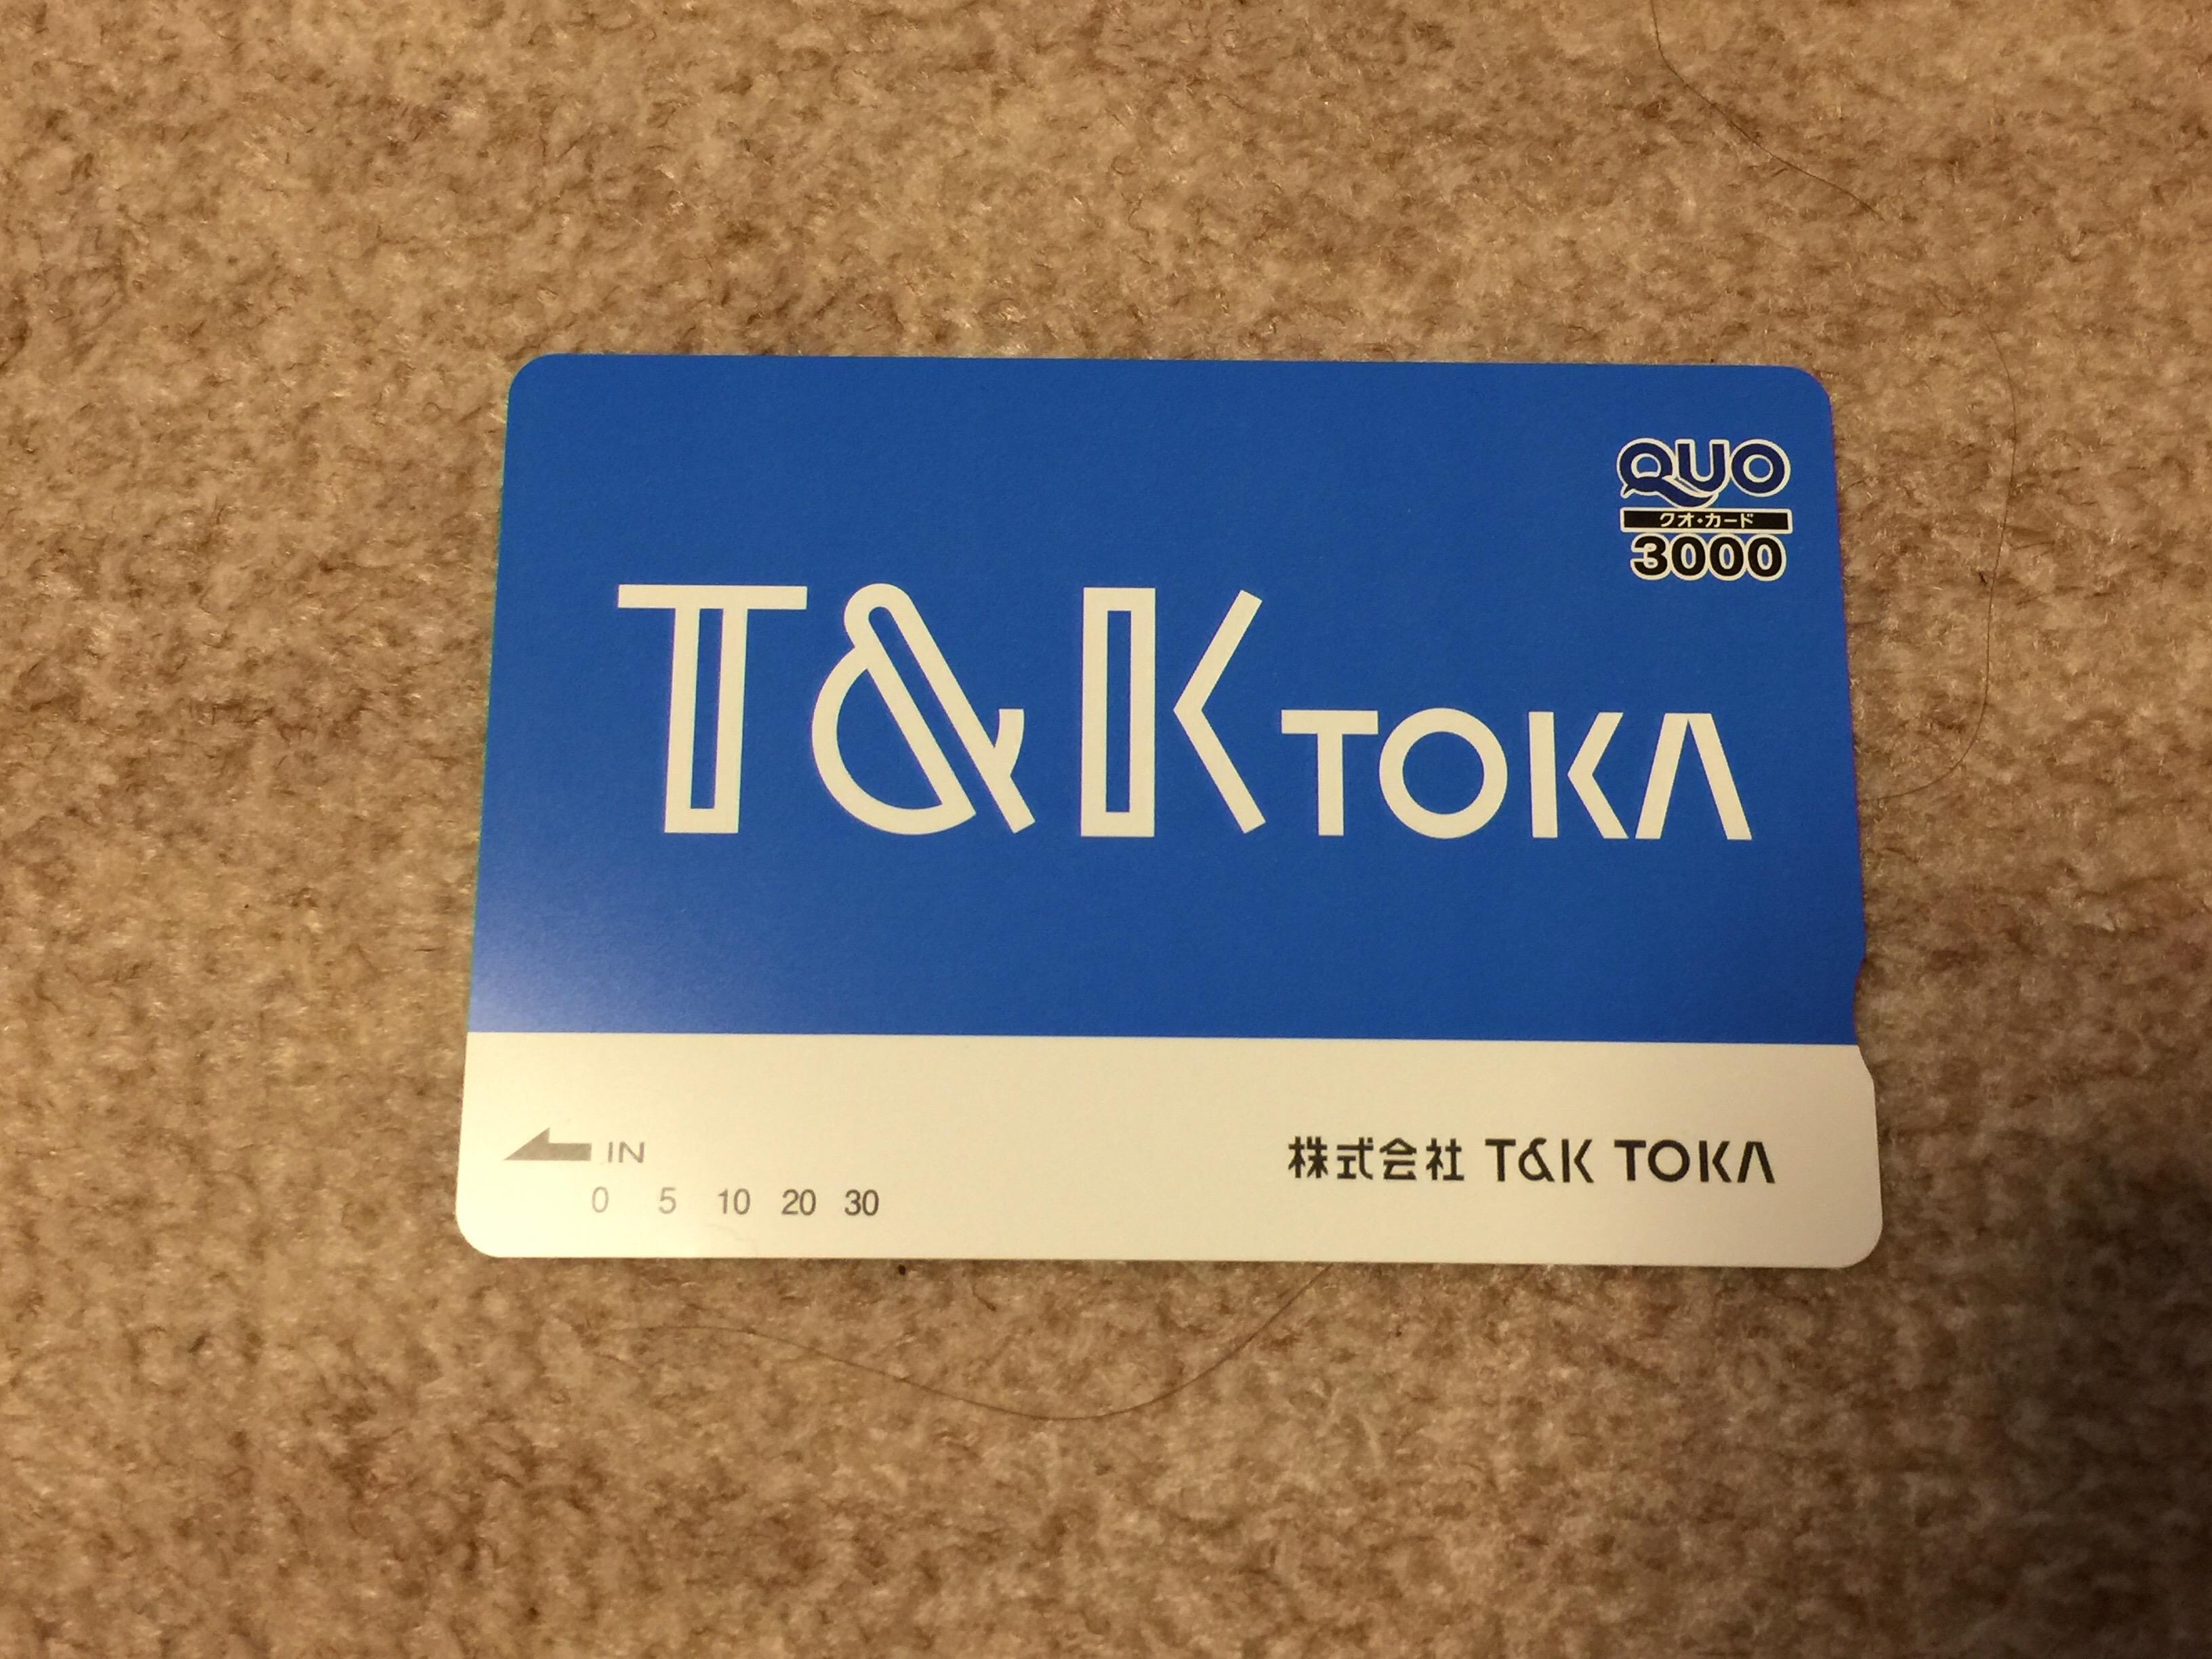 株式分割に伴い優待内容変更 T&K TOKAから株主優待 3,000円のクオカードは今回で最後